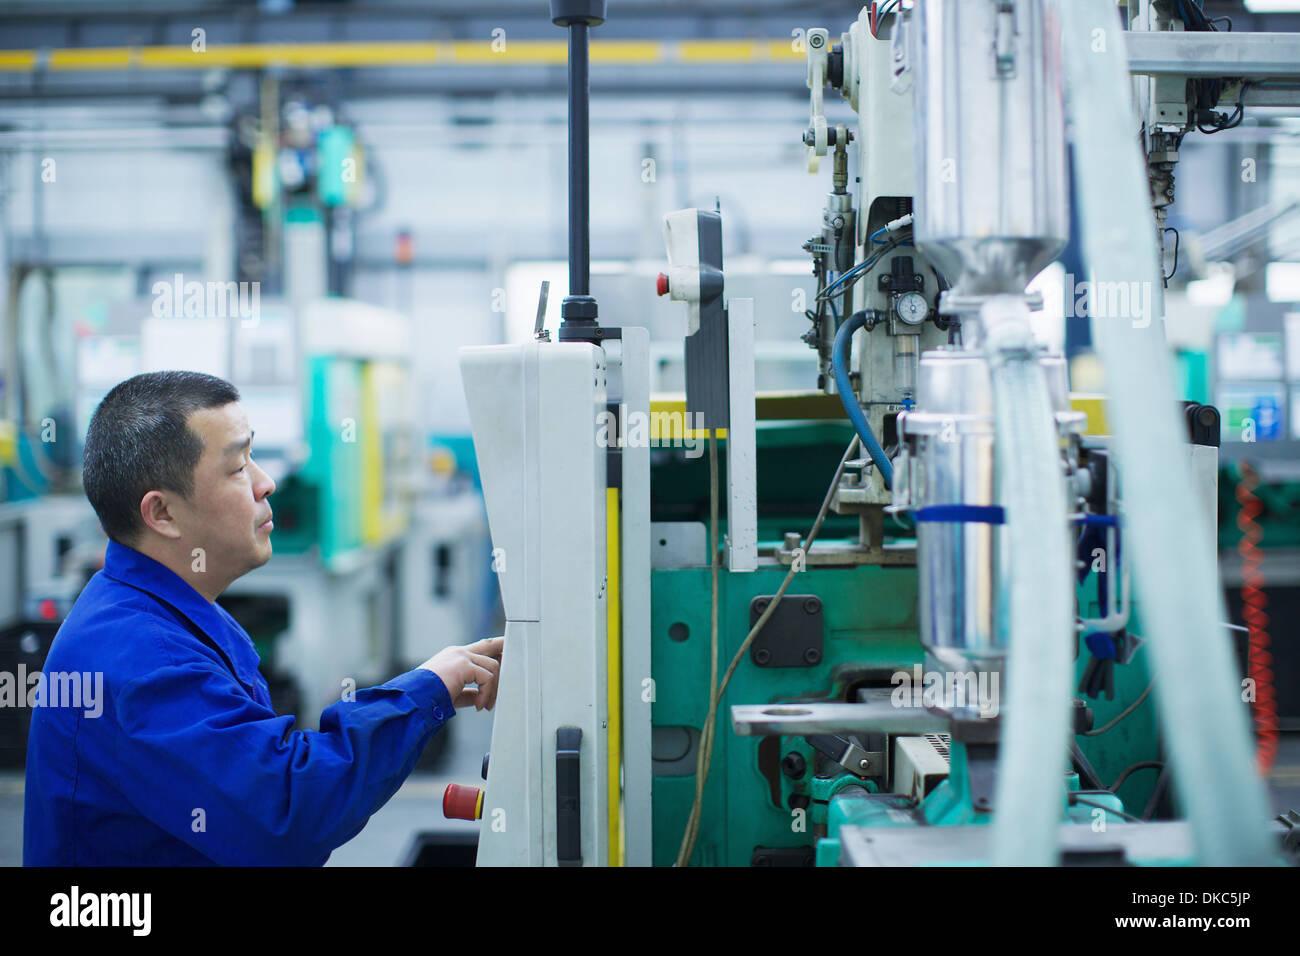 Travailleur de l'usine de fabrication de petites pièces en Chine, appuyant sur le bouton du panneau de contrôle. Photo Stock